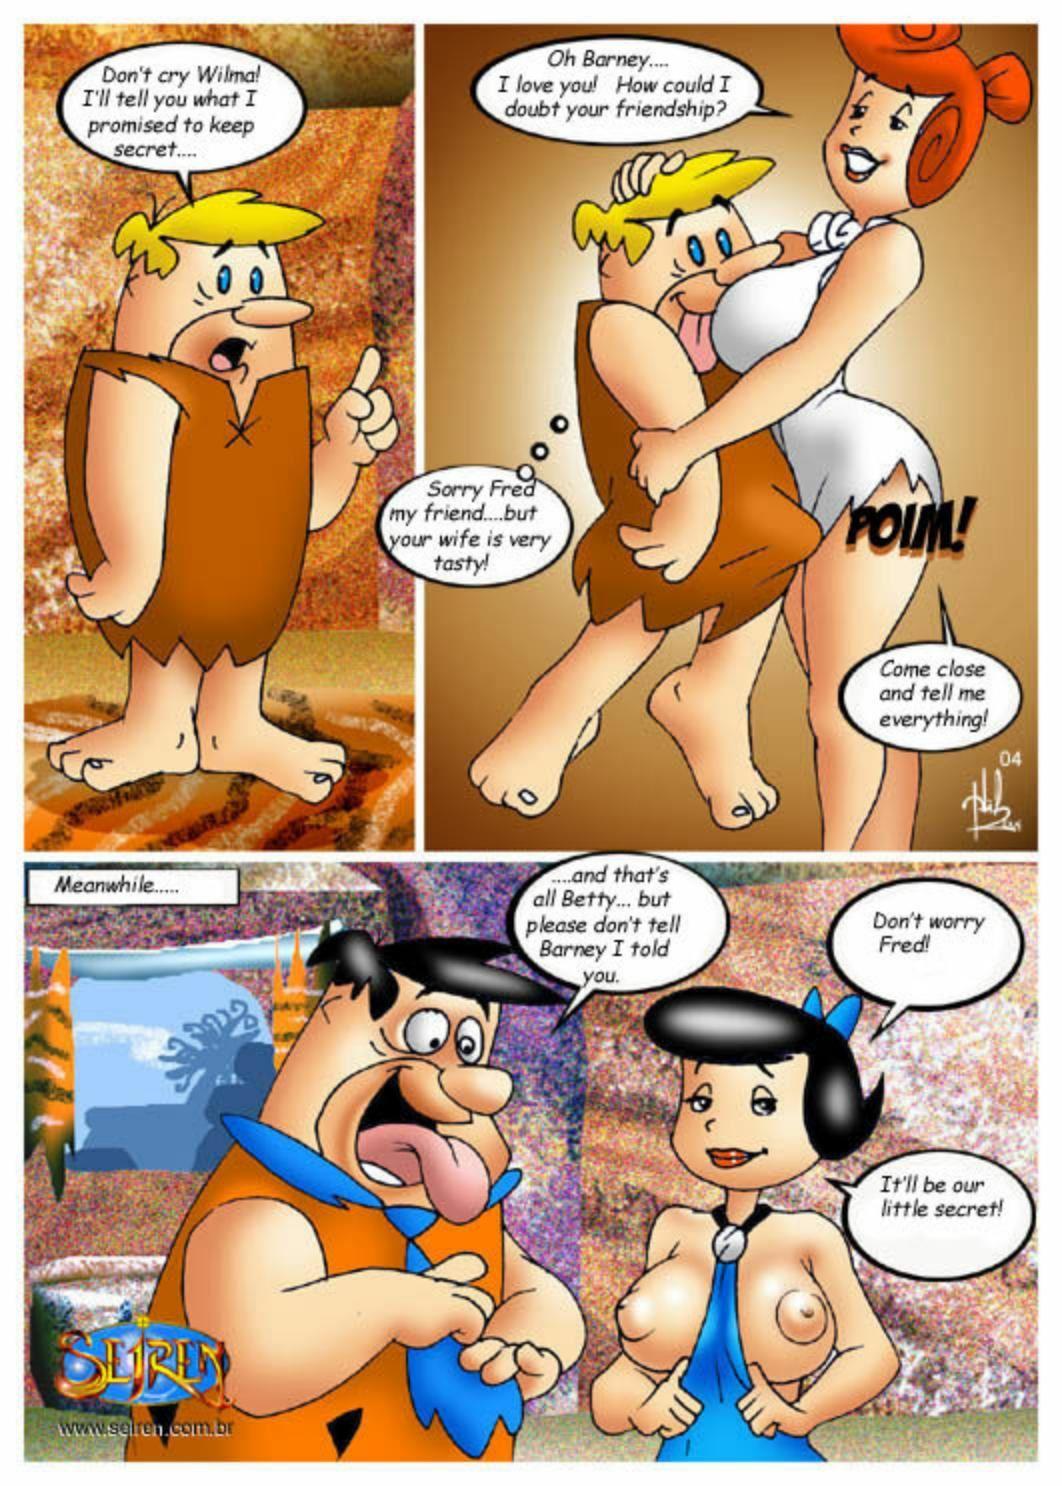 Хентай комикс флиндстоуны 24 фотография